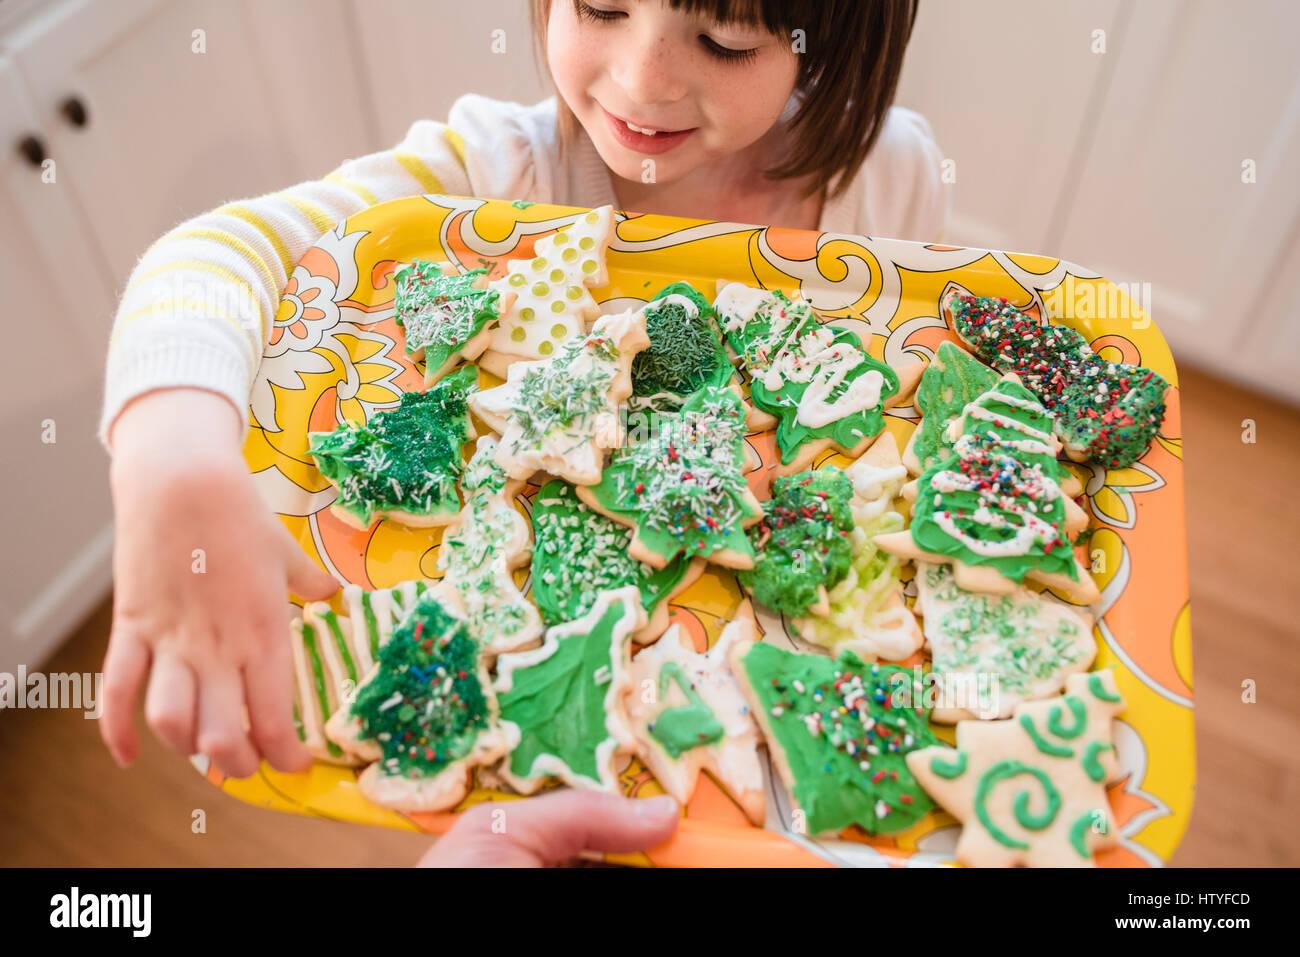 Chica sacando una cookie de Navidad Imagen De Stock